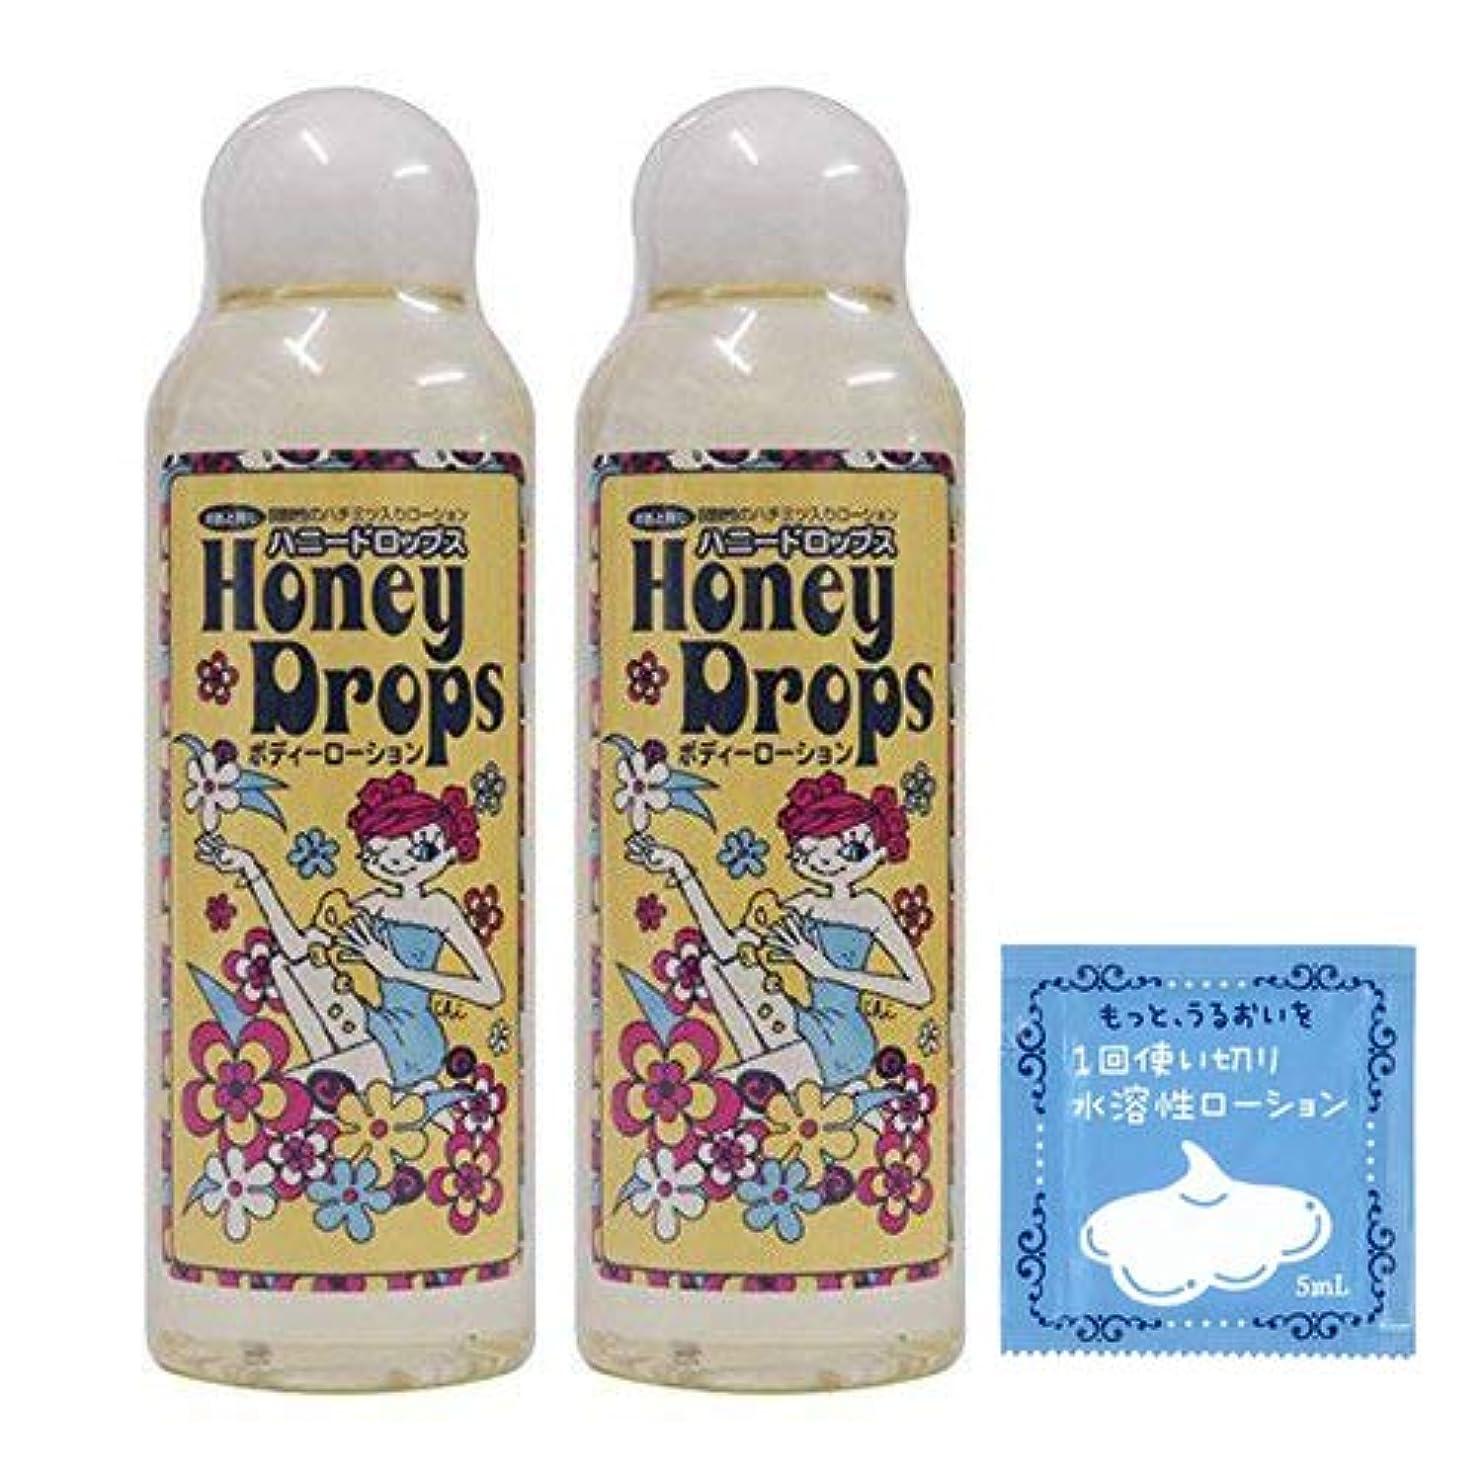 罪人すでにぬるいハニードロップス150mL HoneyDrops150 ×2本 + 1回使い切り水溶性潤滑ローション